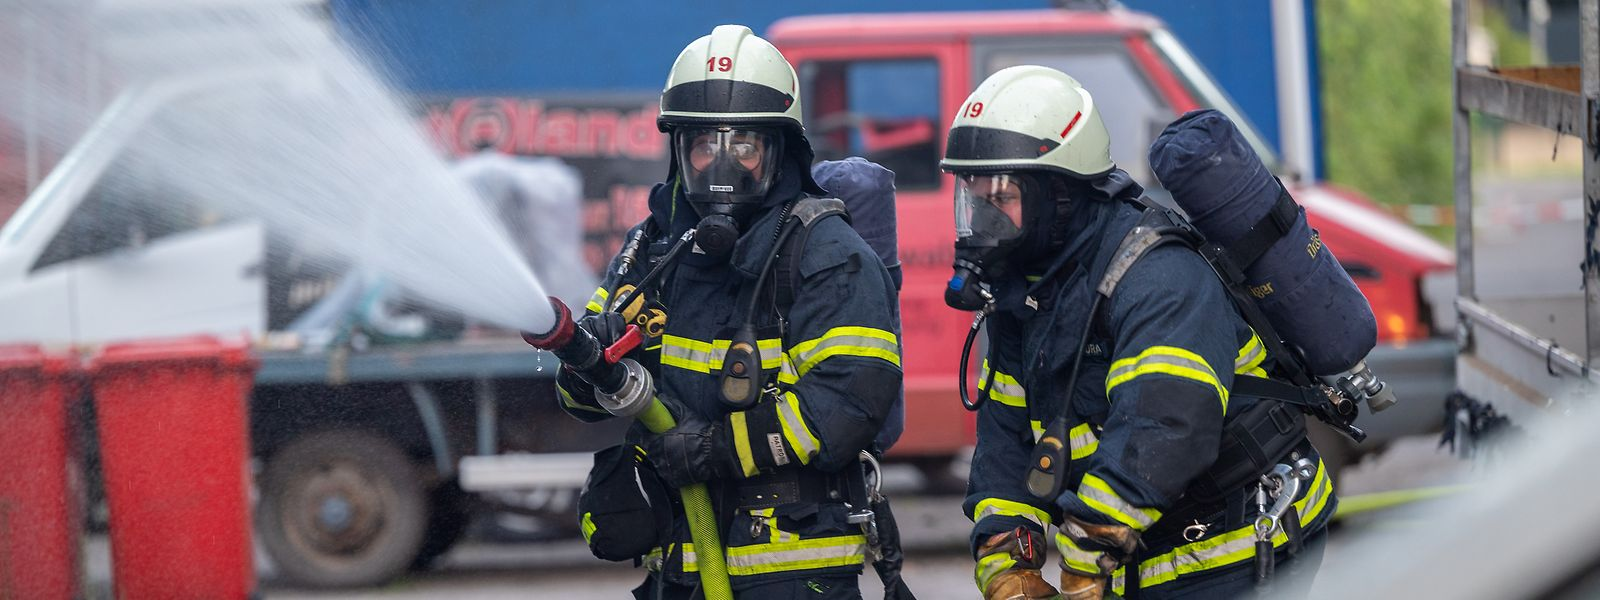 Feuerwehrleute sind mit Löscharbeiten an einer Halle beschäftigt. Dort war es am Donnerstagabend aus noch unbekannter Ursache zum Brand eines Autohauses mit Werkstatt undErsatzteillager gekommen.